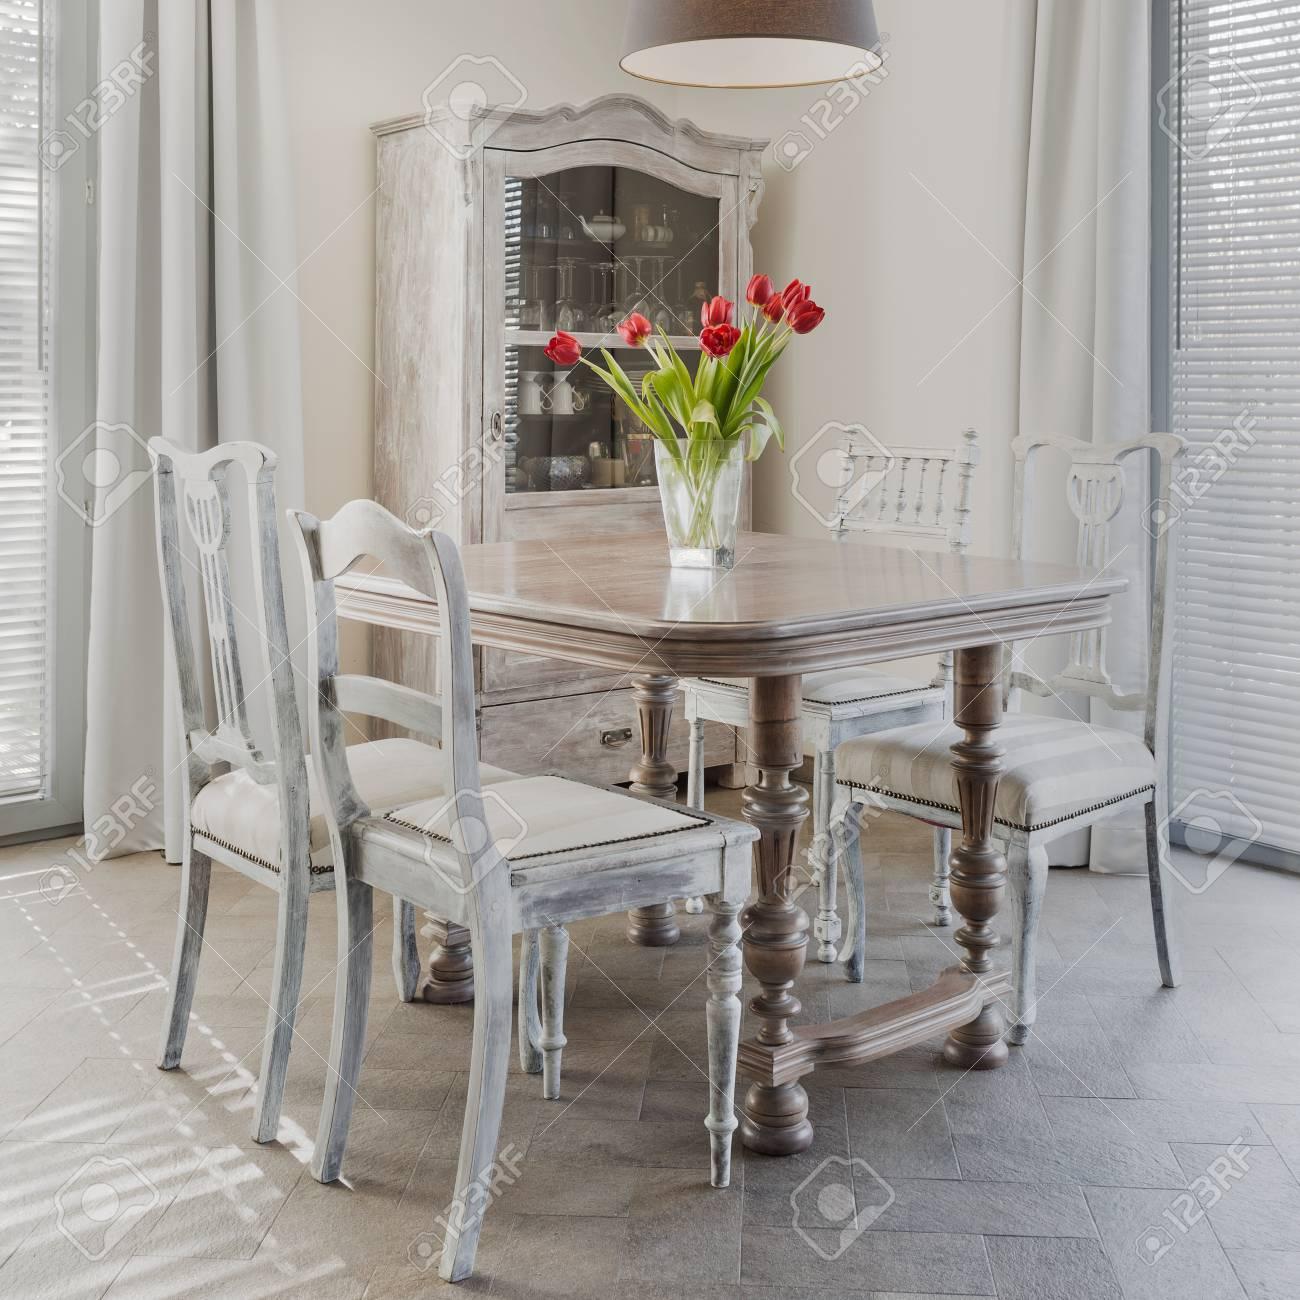 Salle A Manger Retro tulipes sur la table dans la salle à manger rétro